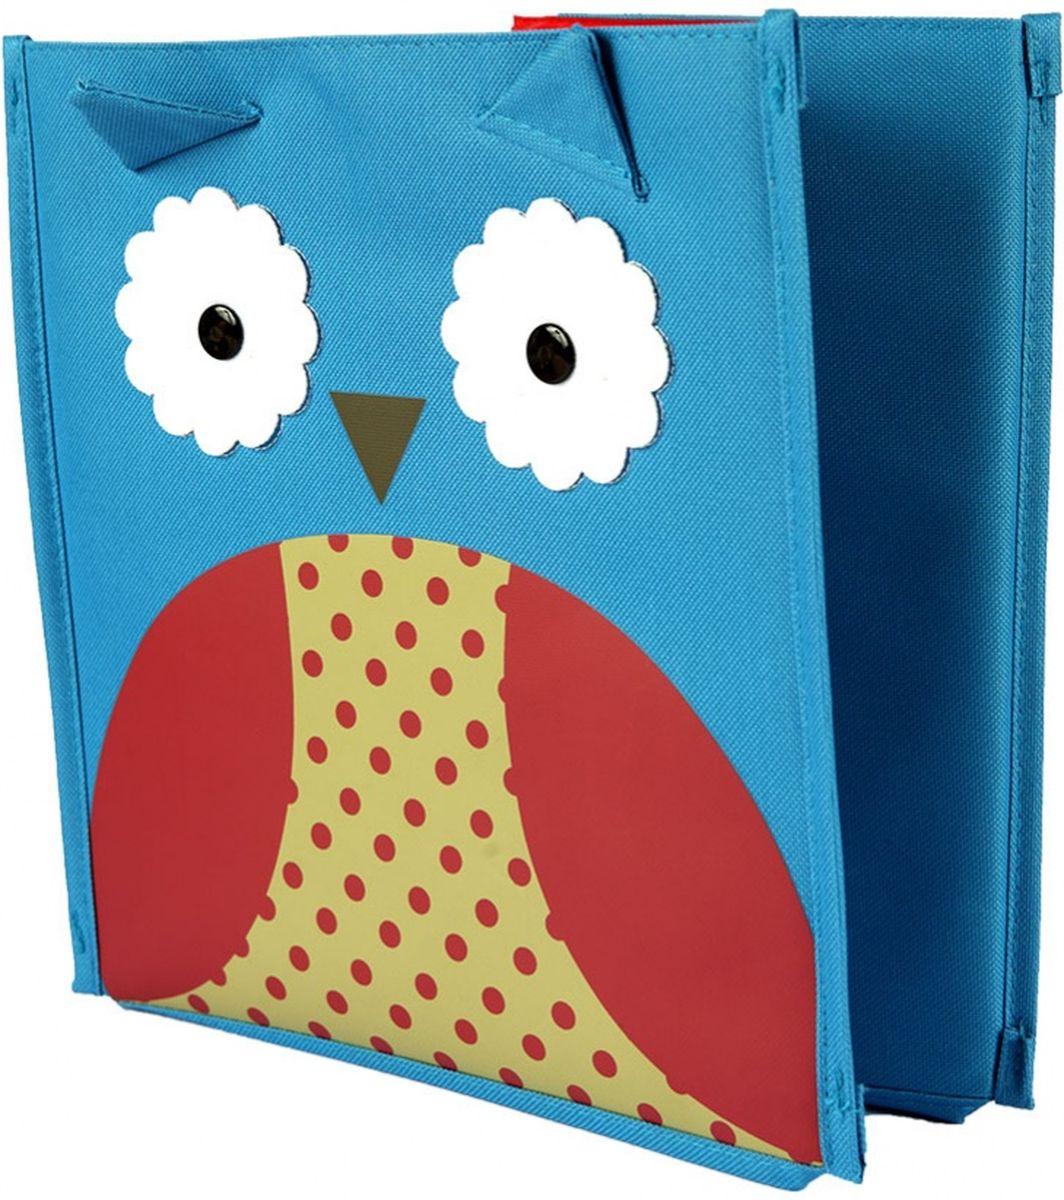 """Яркая коробка с привлекательным дизайном предназначена для оптимизации хранения небольших детских вещей: игрушек, канцтоваров, одежды и обуви. Коробка освободит место в квартире и украсит любую детскую. В детской вашего малыша не хватает места? Не знаете, куда деваться от большого количества игрушек? Справиться с недостатком площади вам поможет квадратная коробка для хранения """"Сова""""! • Красочная и вместительная коробка размером 26,5 х 28 х 28 см станет настоящим помощником в уборке детской спальни. Внутри можно хранить самые разнообразные вещи: от игрушек до одежды. • Коробка для хранения отличается высоким качеством. Любой ребенок будет рад видеть в своей комнате такое оригинальное приспособление! • Ящичек можно поставить где угодно: поместить его в шкаф, под кровать или отправить на балкон. Т.к. изделие легко складывается, его можно перевезти на дачу или в другую квартиру без лишних трудностей.• Ребенок запросто сможет справляться с коробкой сам: она мало весит и имеет удобные боковые ручки."""